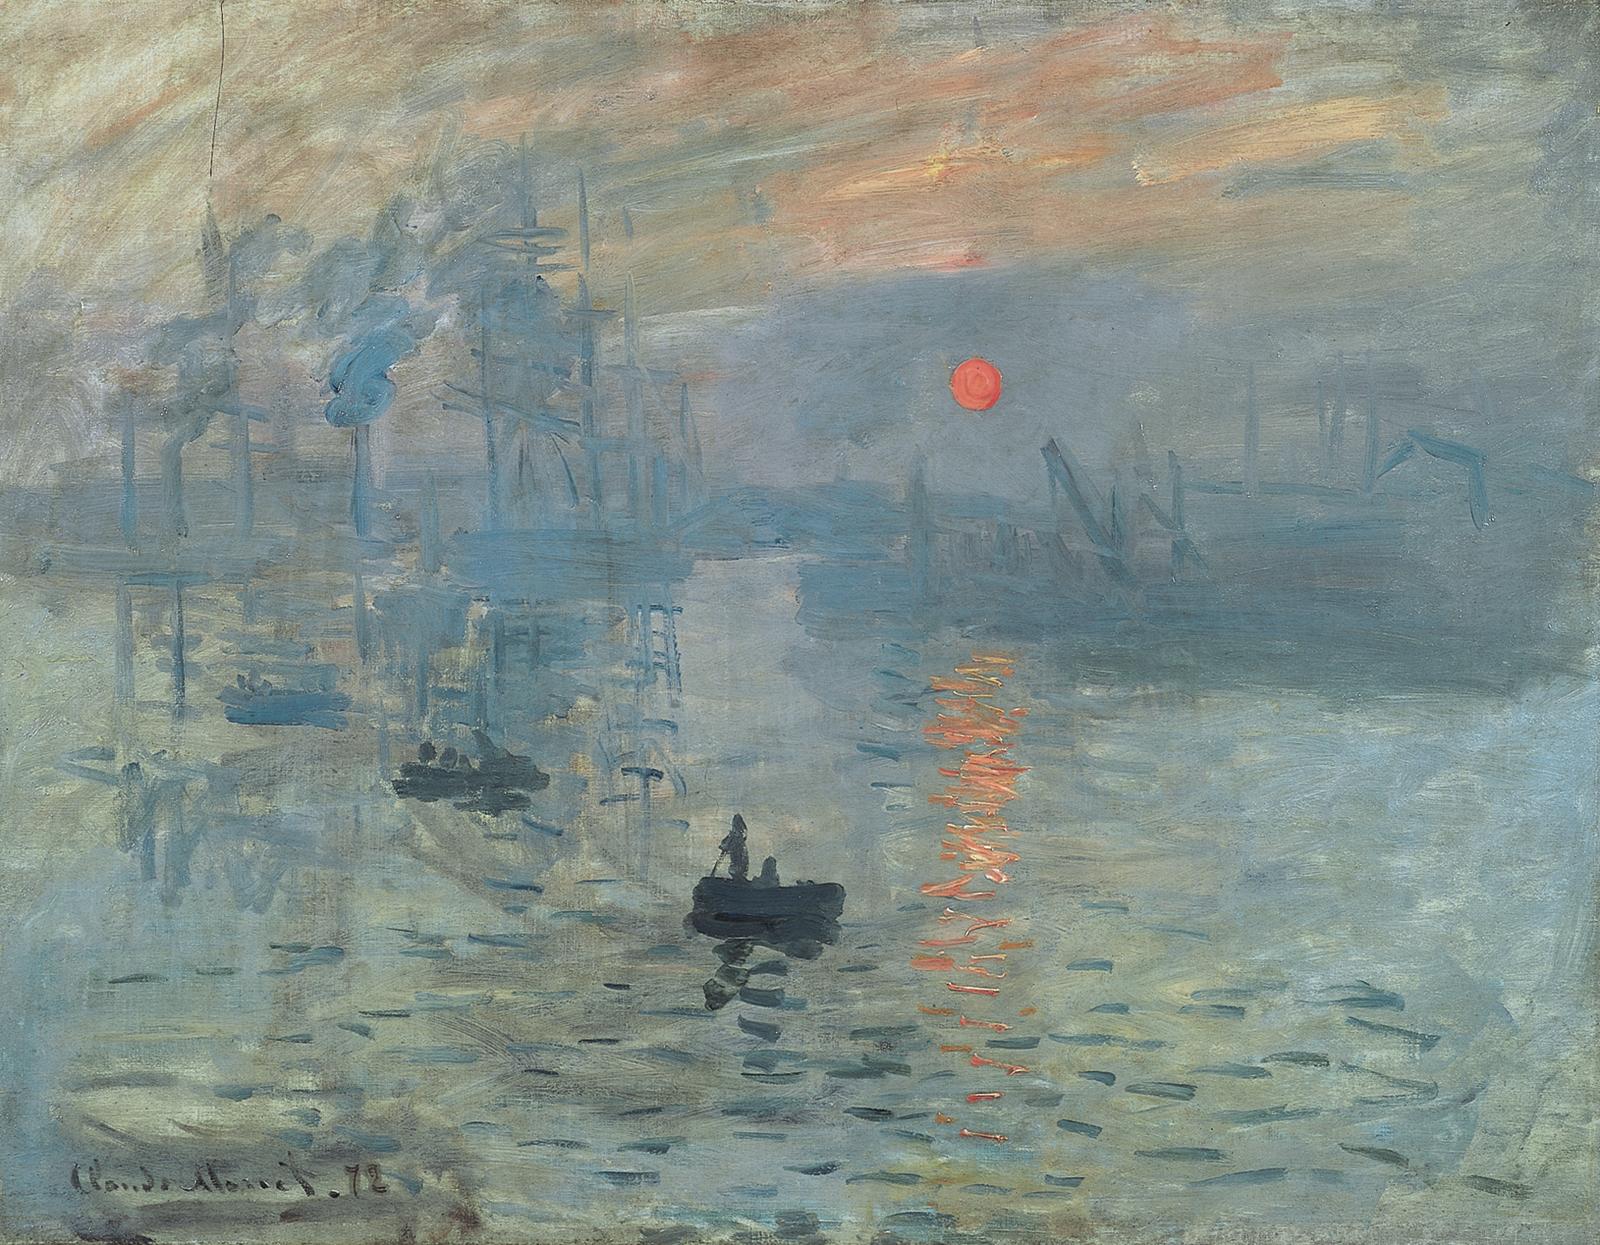 Monetův obraz dal jméno celému uměleckému směru.